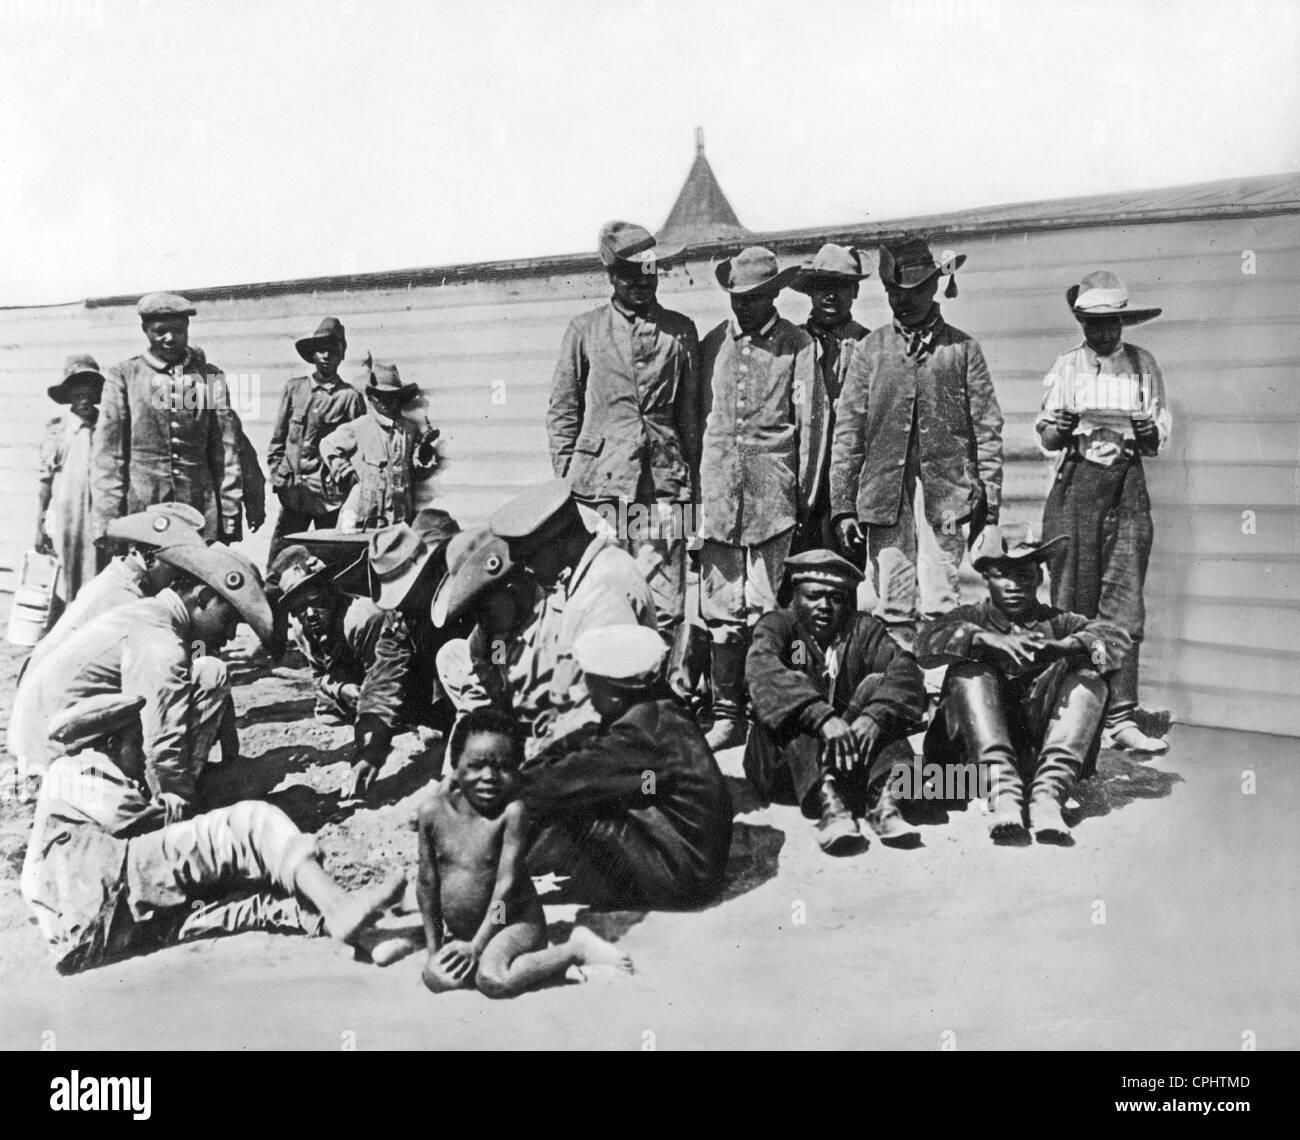 Hotentotes como camaradas de armas de los alemanes en el sudoeste de África, 1904 Imagen De Stock